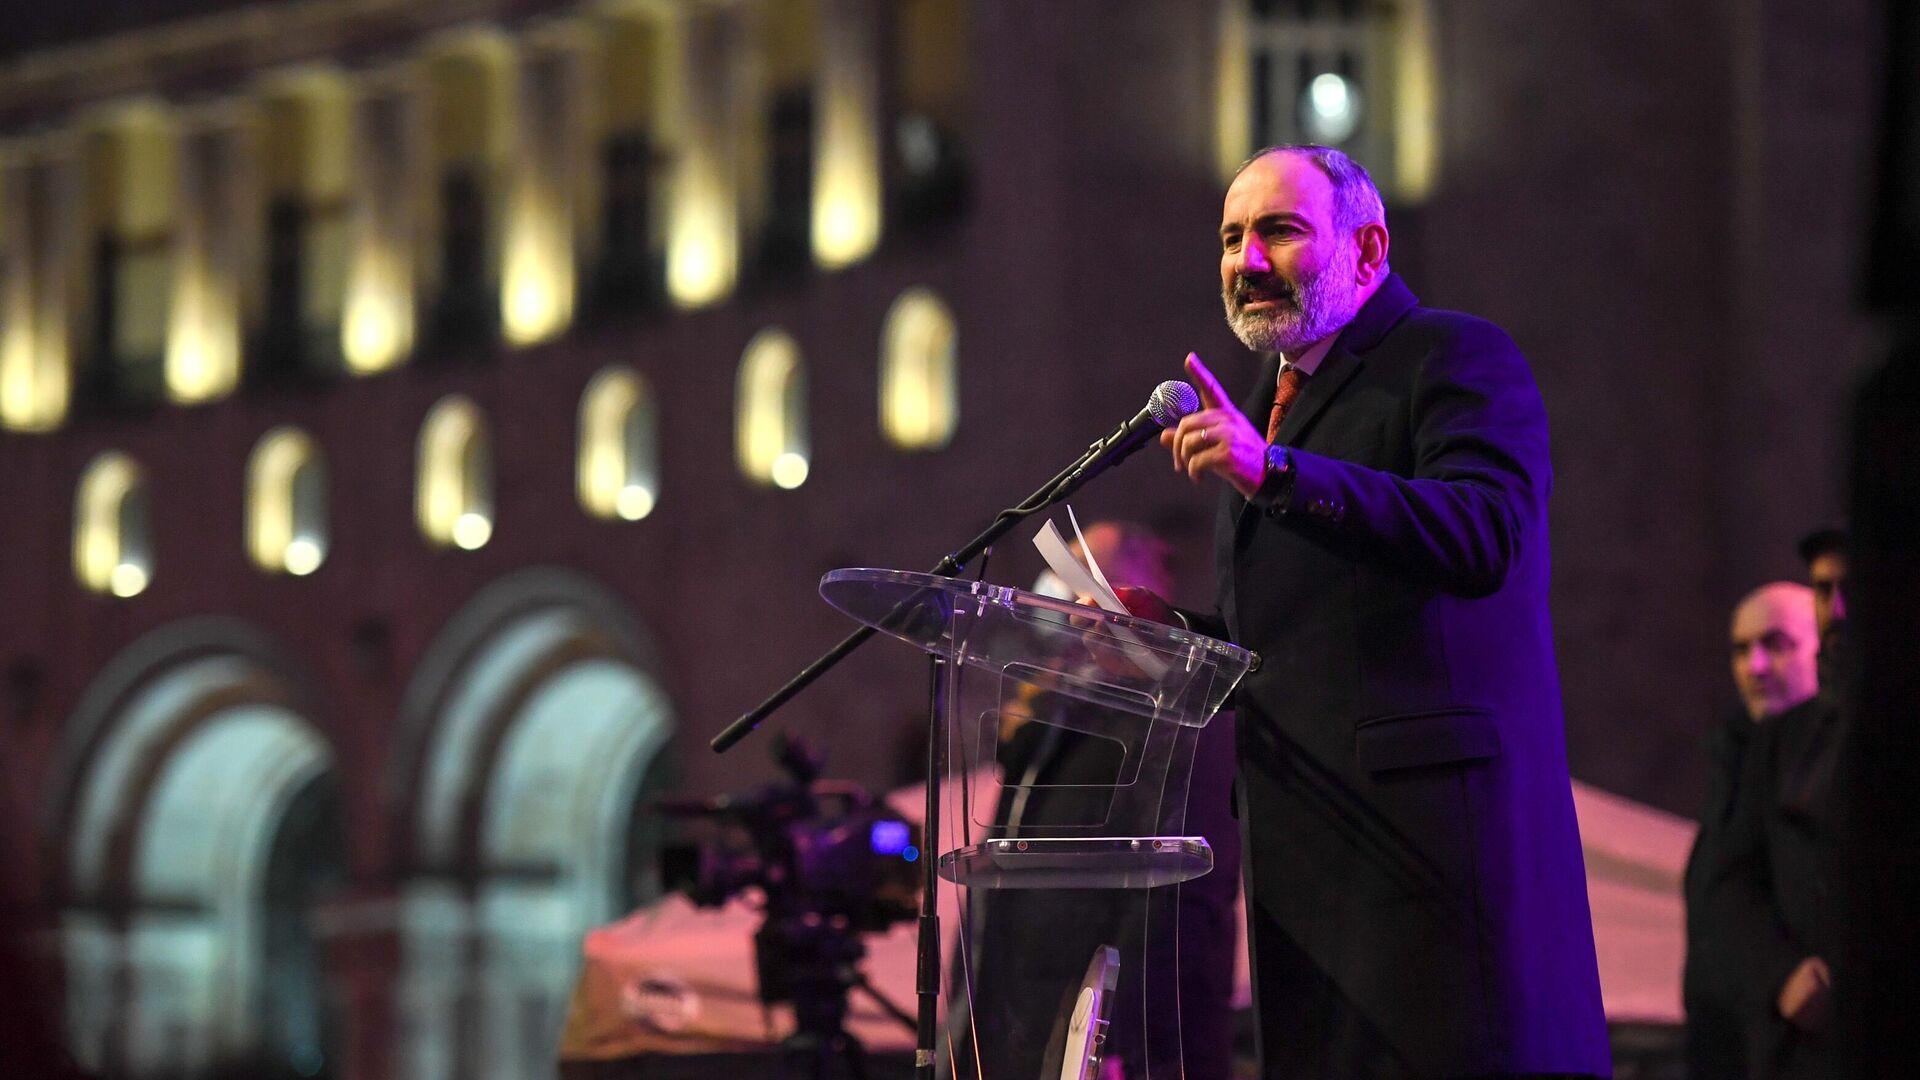 Премьер-министр Армении Никол Пашинян выступает перед своими сторонниками в Ереване - РИА Новости, 1920, 30.05.2021